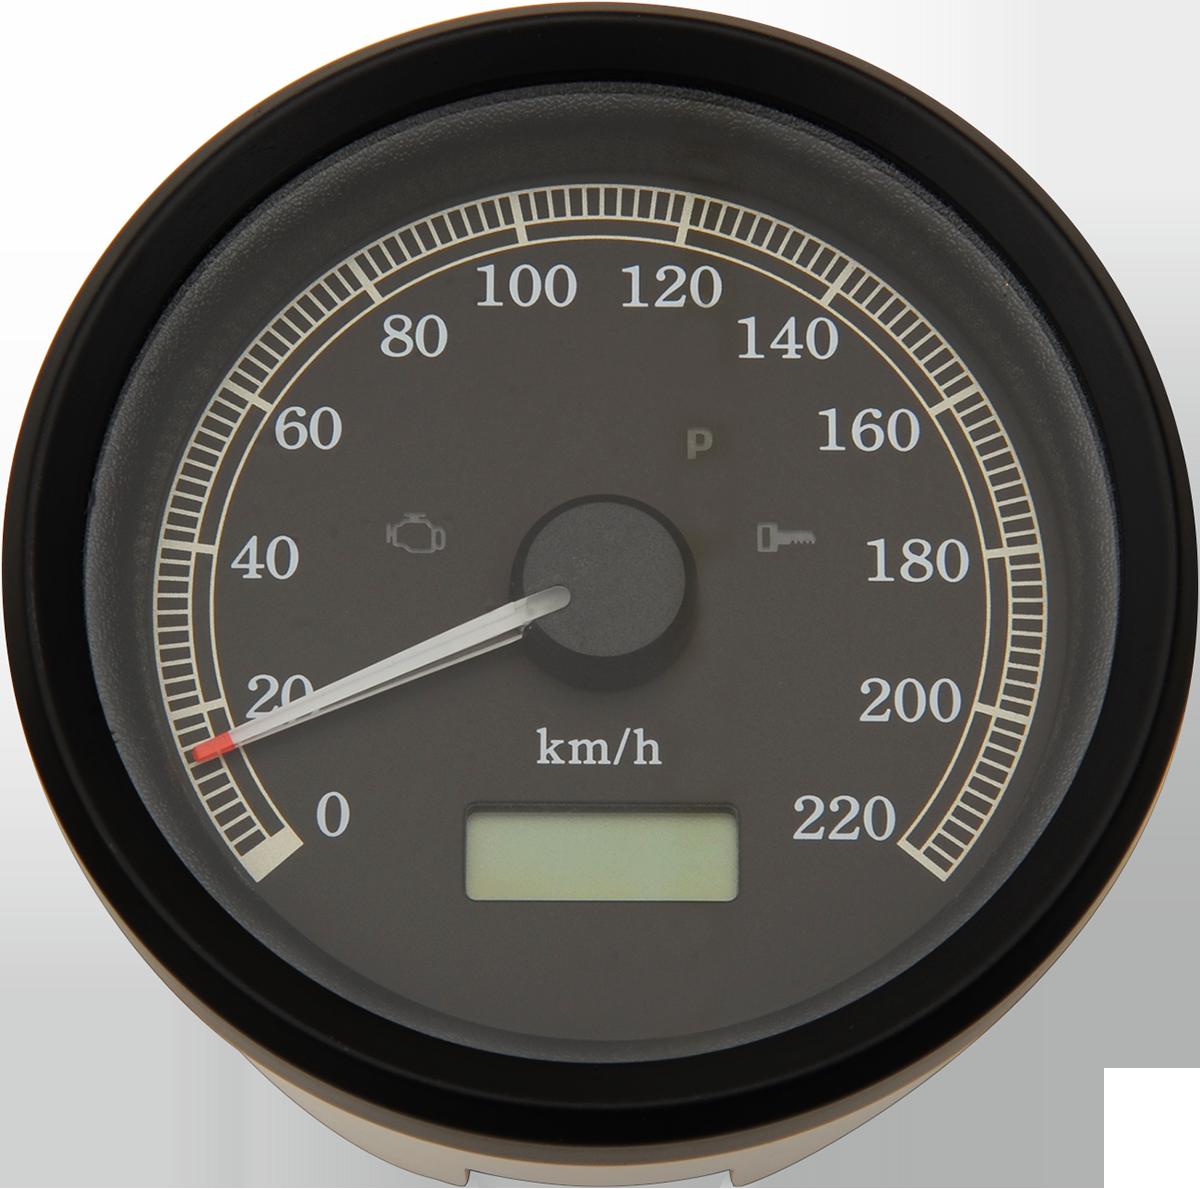 Specialties: Drag Specialties Electronic KMH Speedo Speedometer 99-03